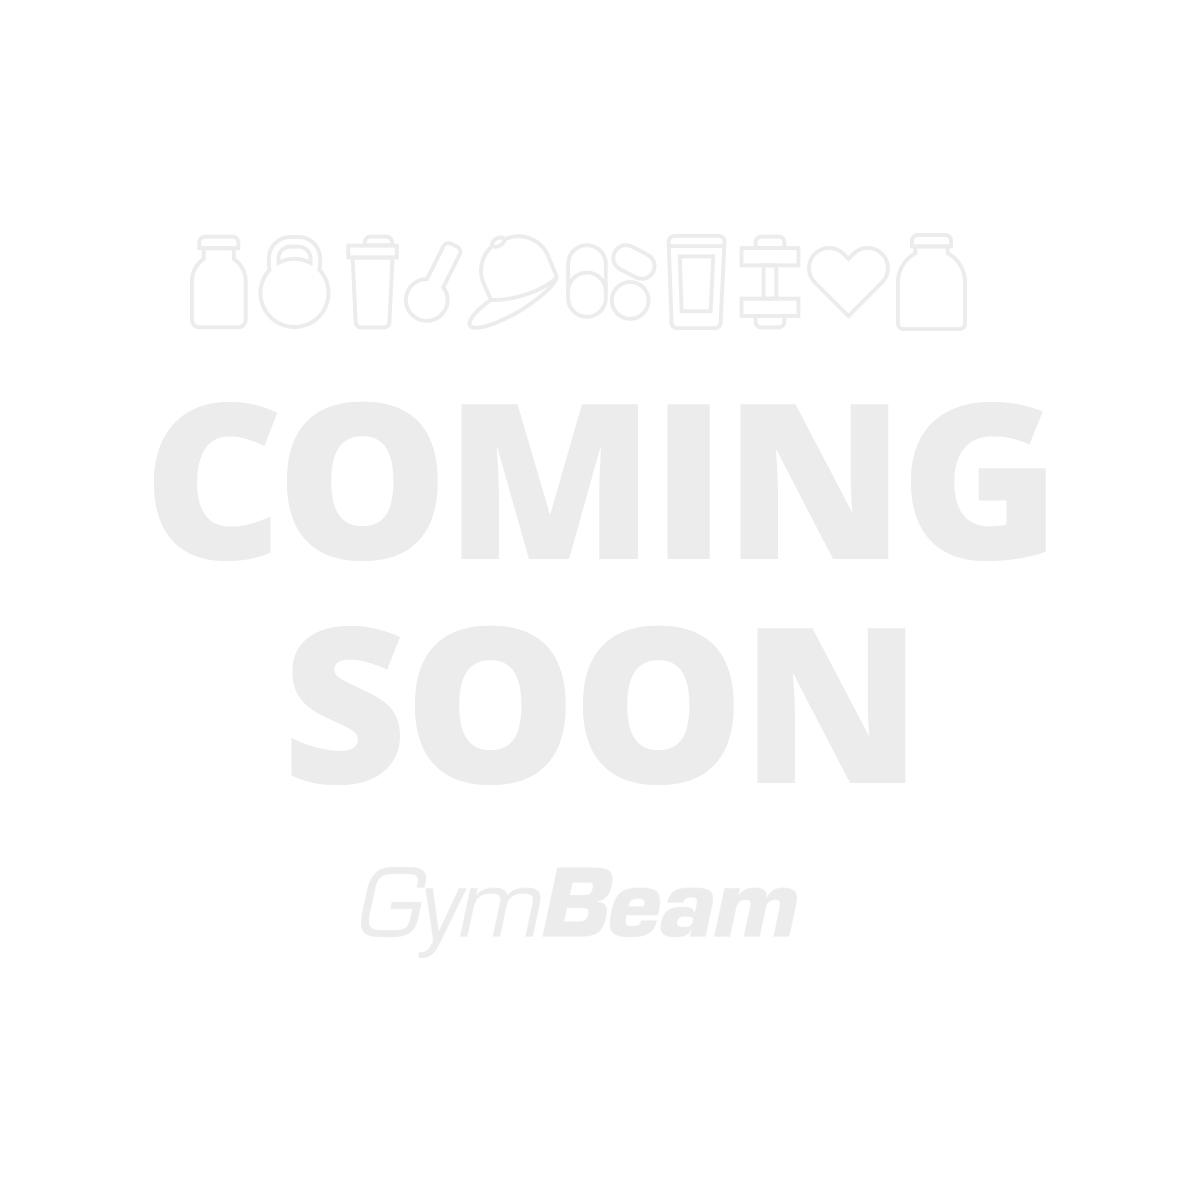 Sutienul de sport Simple Black - GymBeam